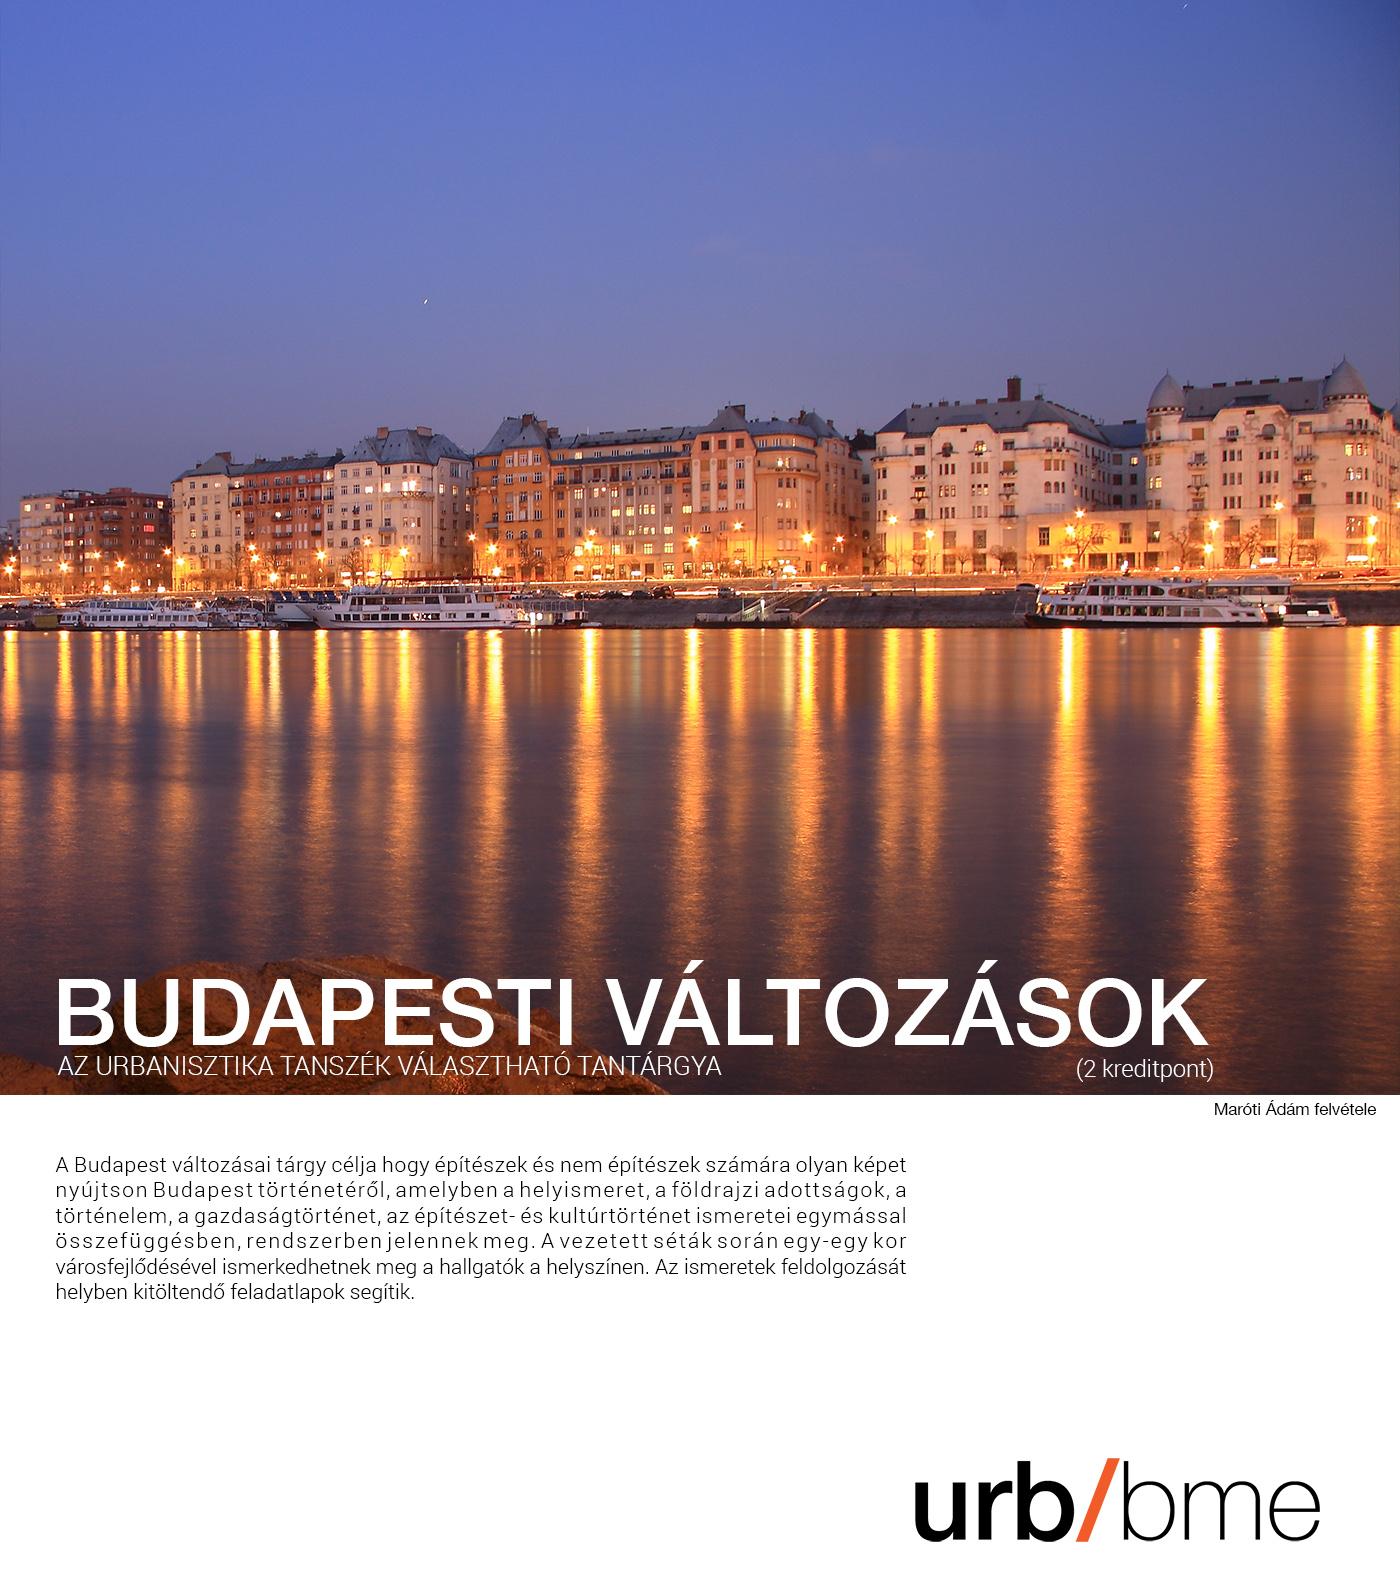 BUDAPESTI VÁLTOZÁSOK 2017 négyzet sm